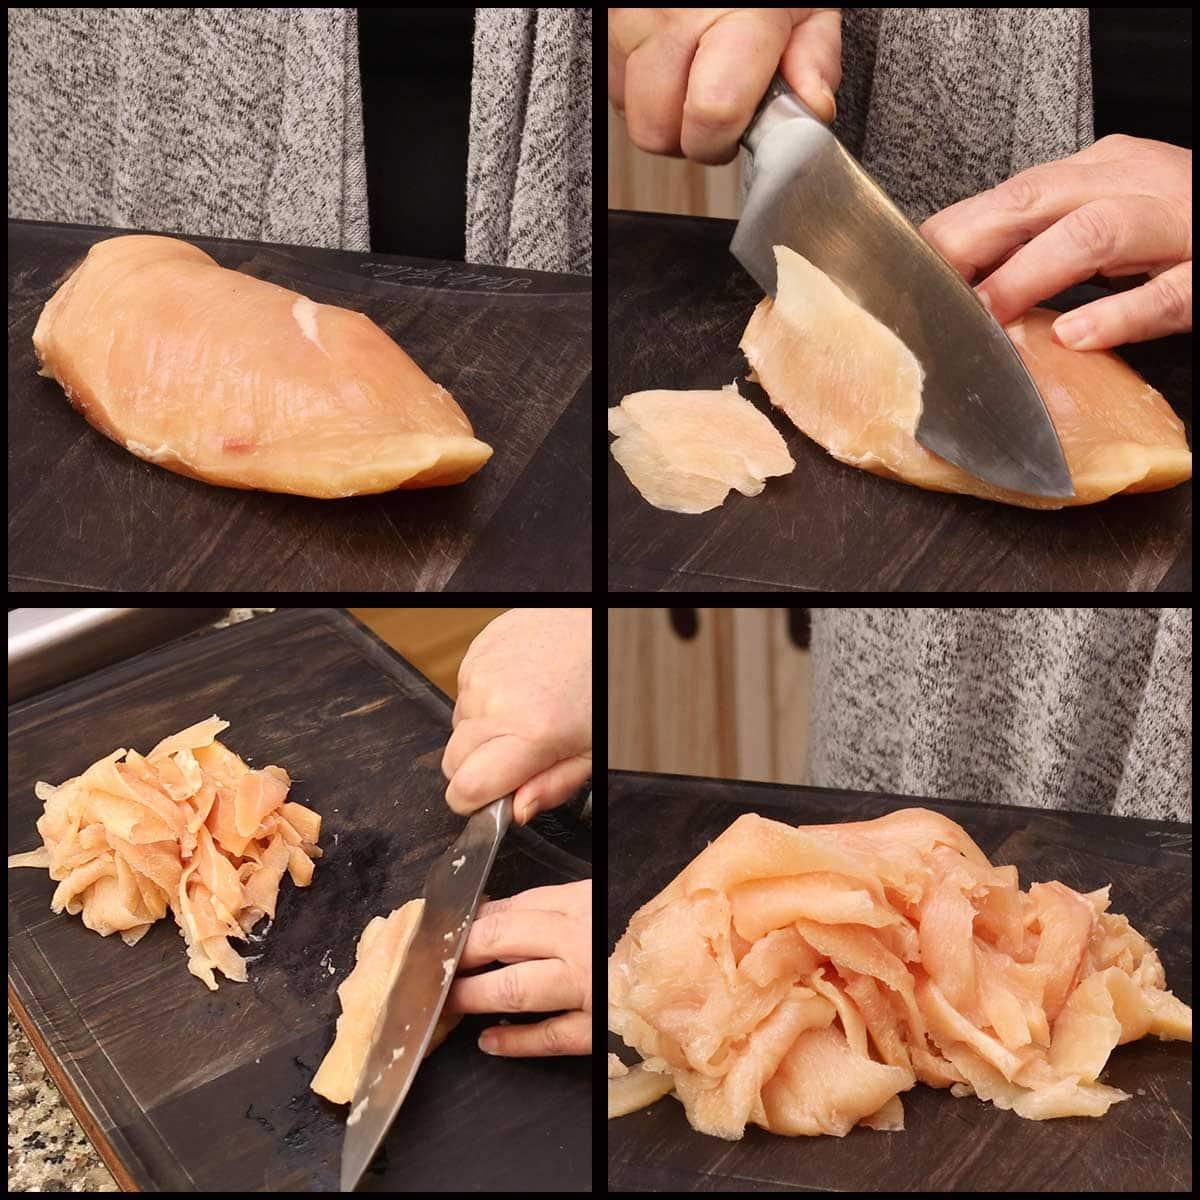 slicing chicken for chicken cheesesteaks